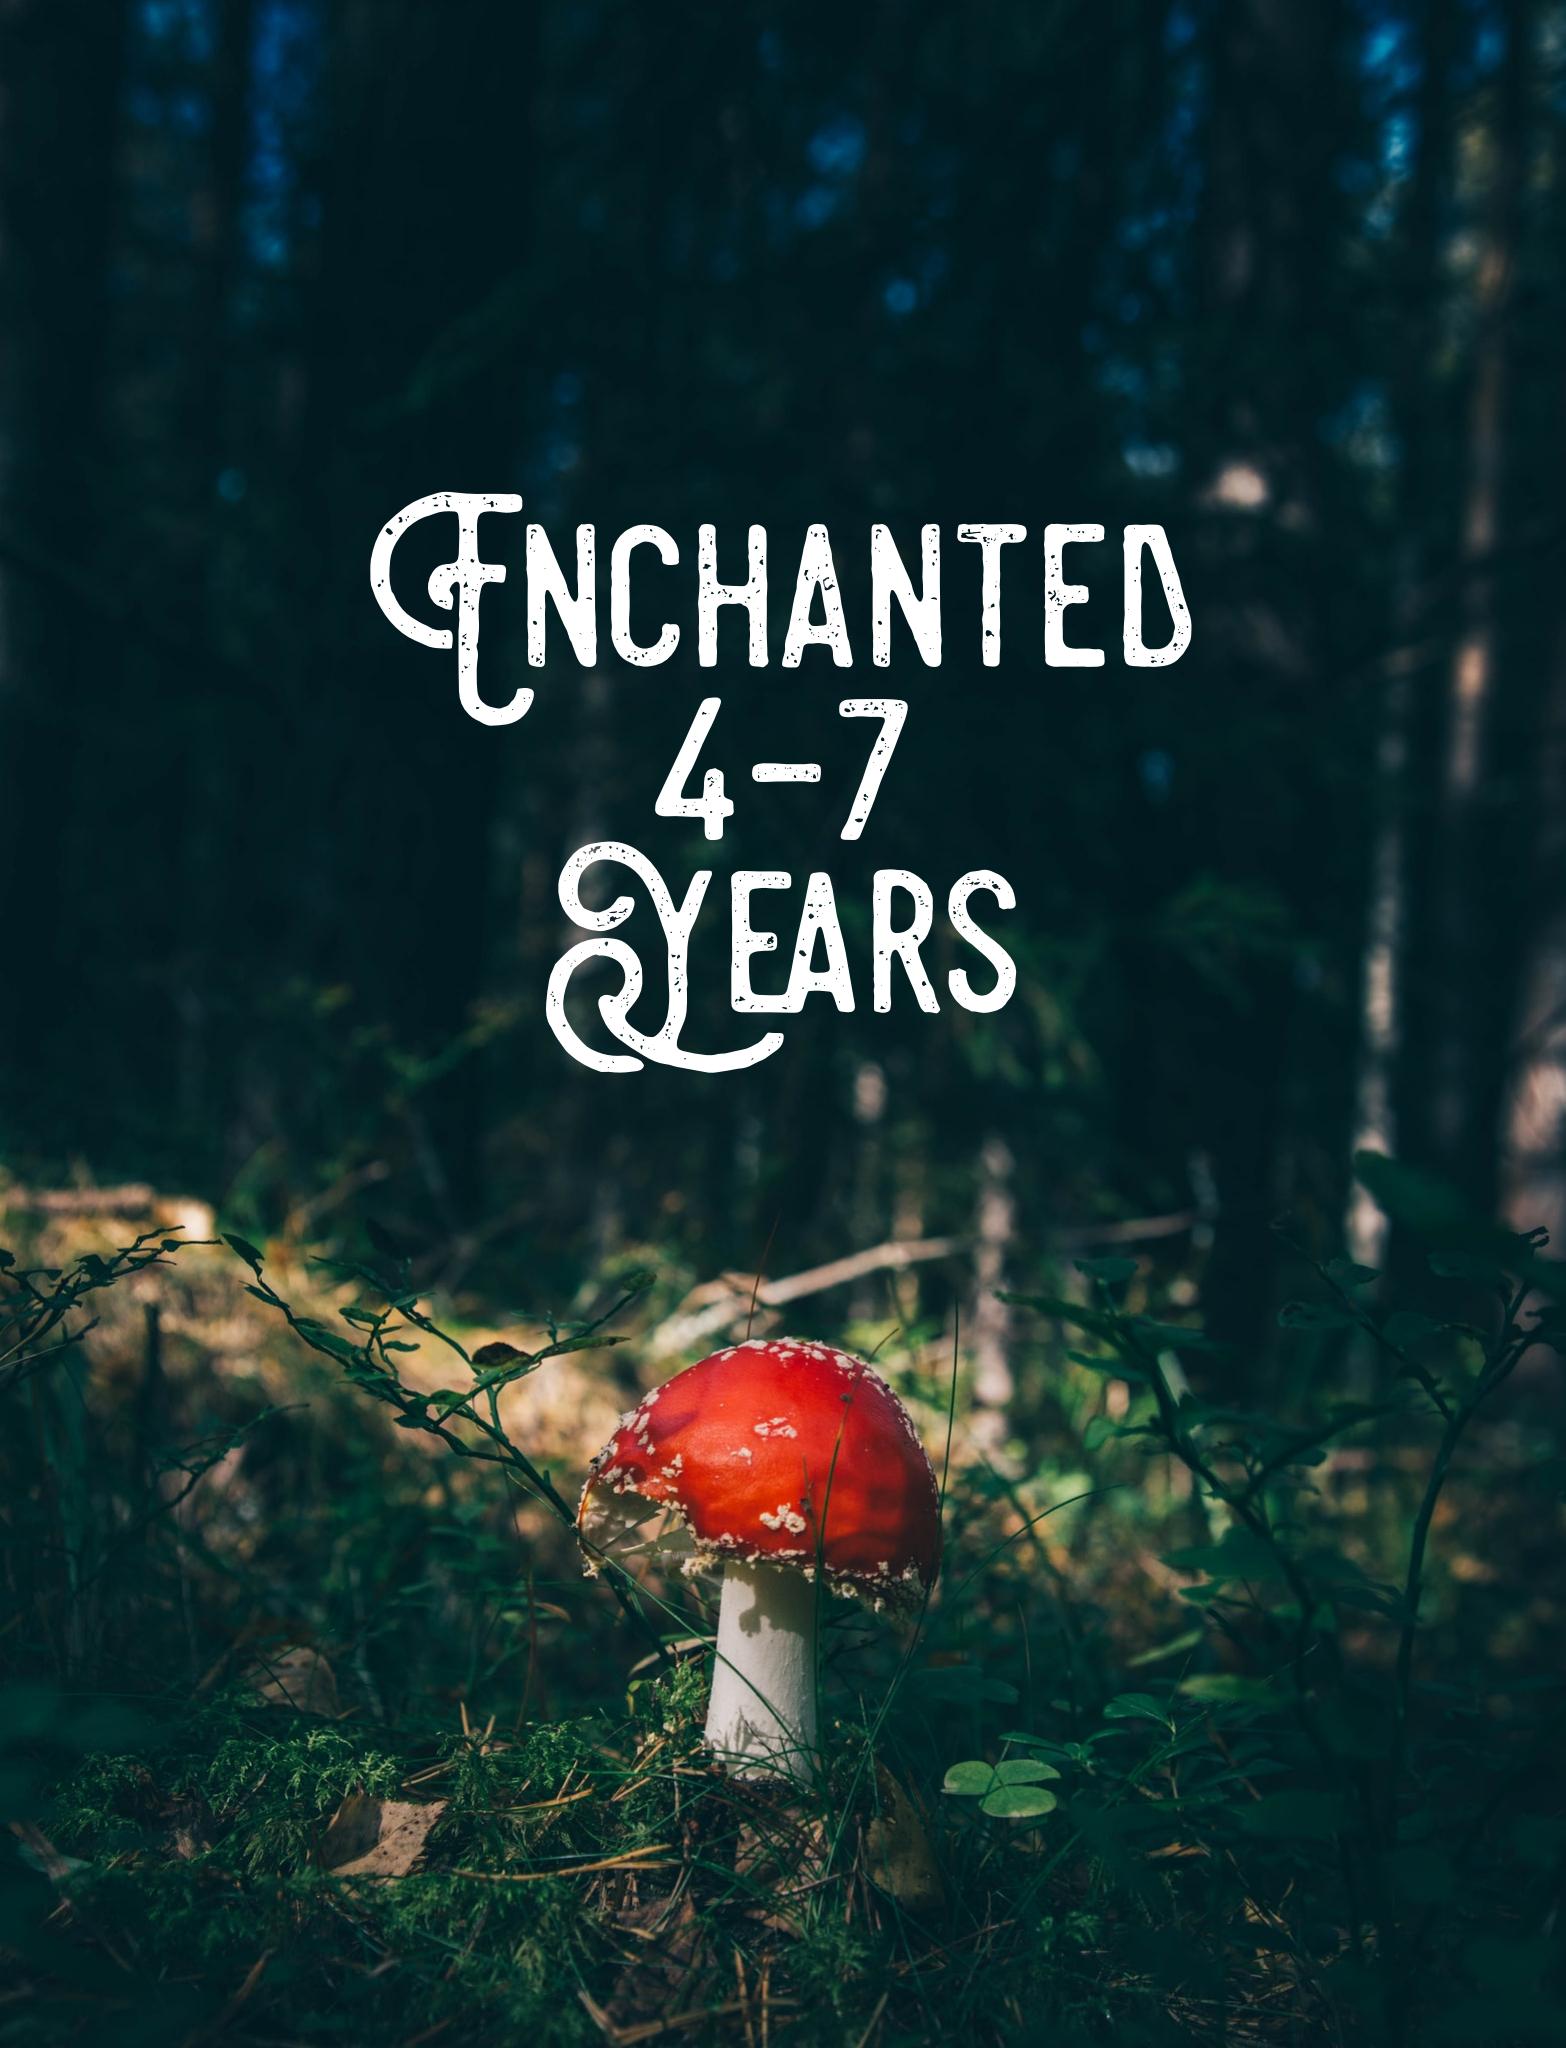 Enchanted - Timbernook of Northeast Oklahoma